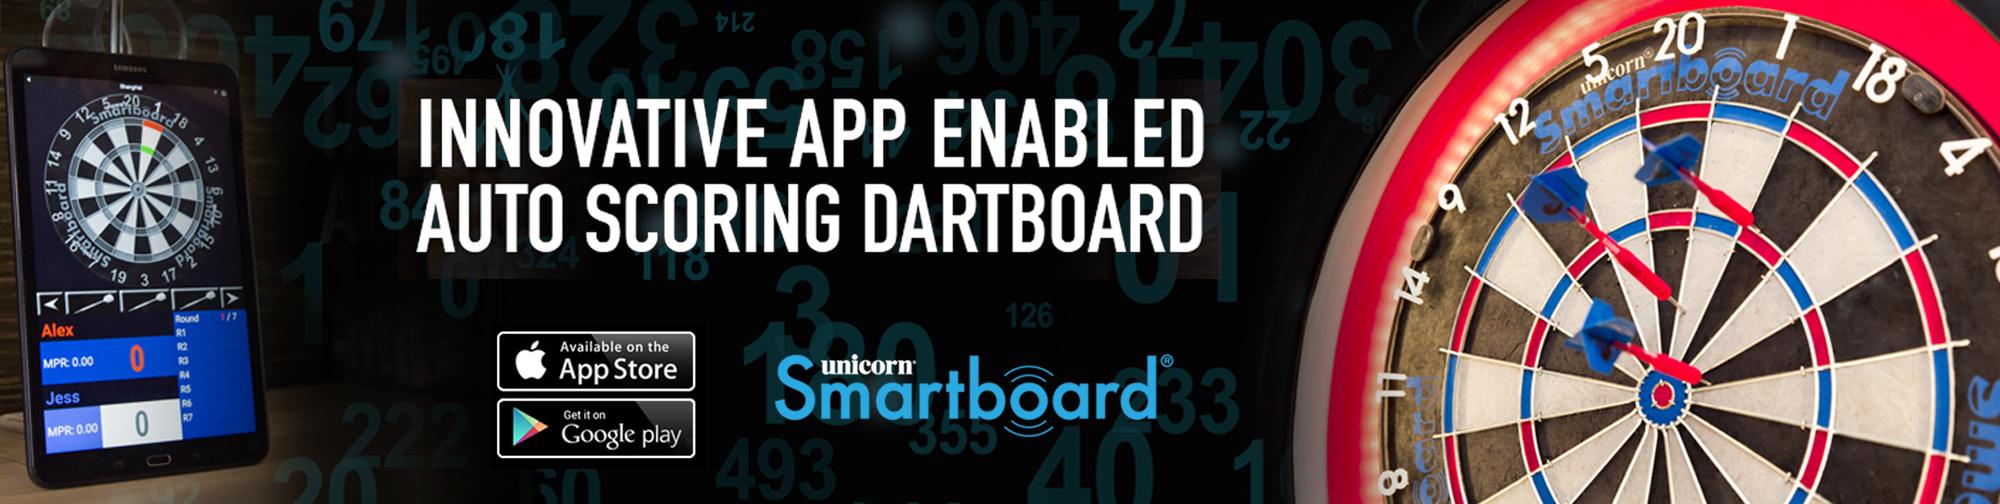 smart-board-top-banner